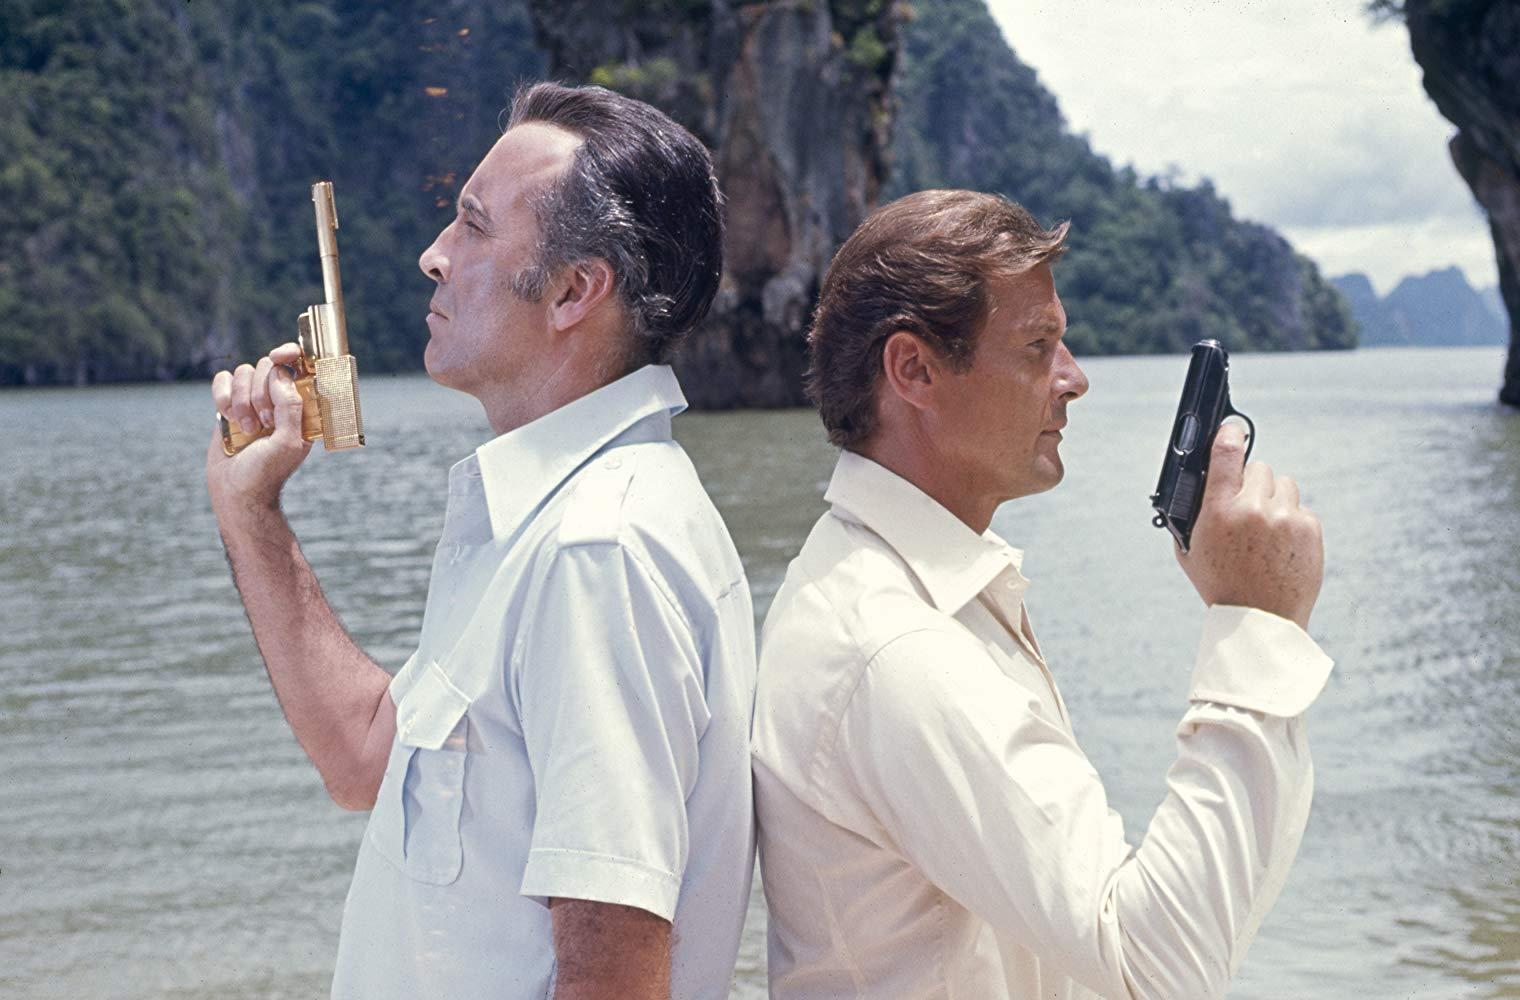 در شرایطی که انتظار انتشار آخرین مجموعه جیمز باند با بازی دانیل کریگ را می کشیم، در ادامه این مطلب قصد داریم شما را با بهترین و بدترین فیلم های جیمز باند بر اساس نمره راتن تومیتوزی که بدست آورده اند آشنا کنیم.